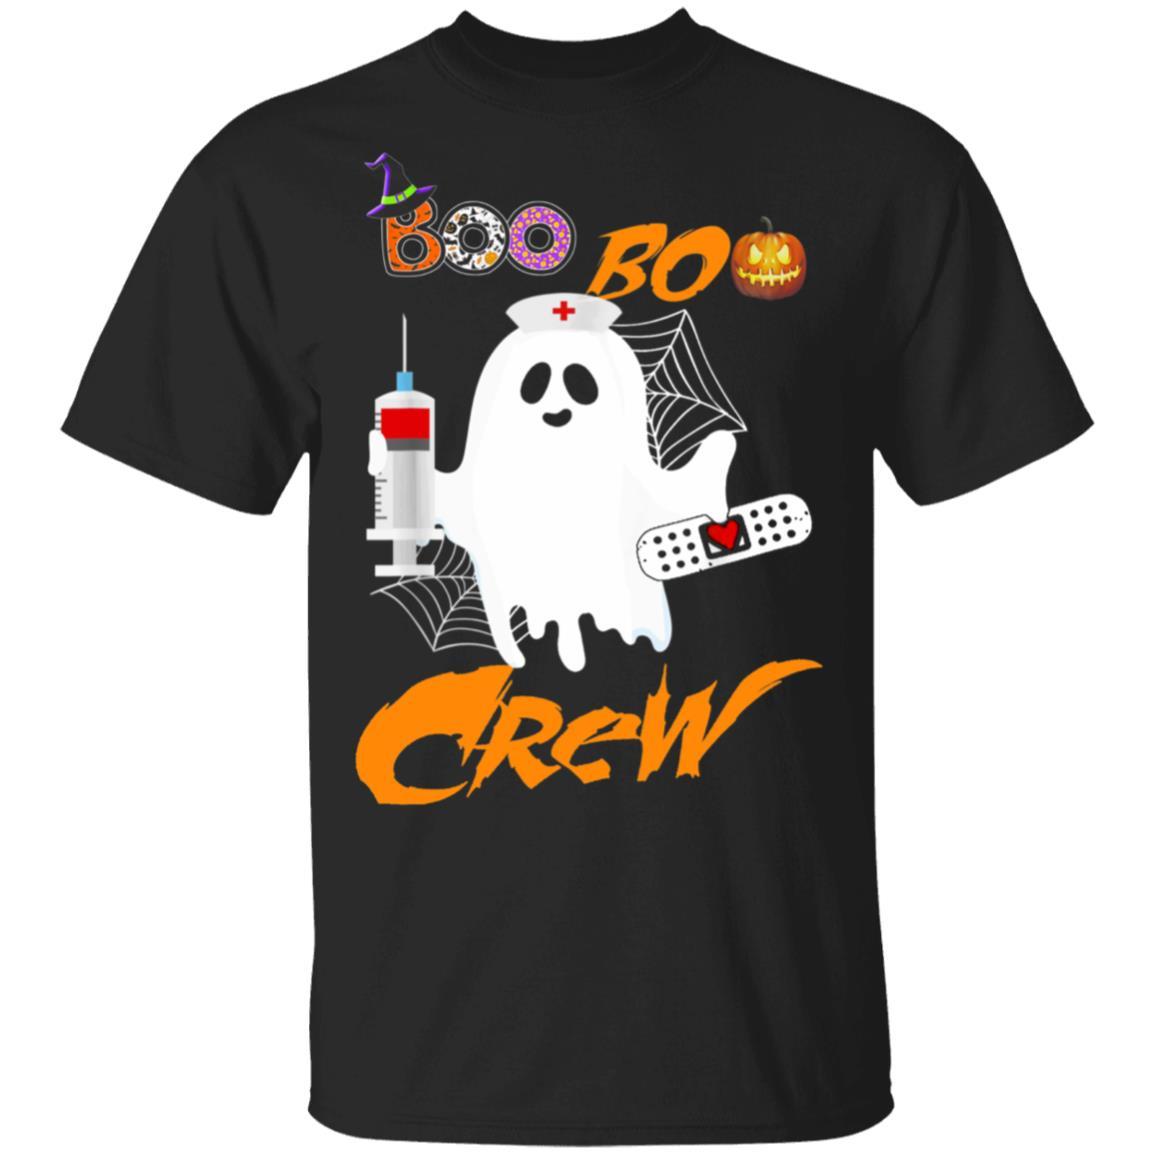 Nurse Ghost Boo Boo Crew Funny Halloween Costume Fun Gift Shirt